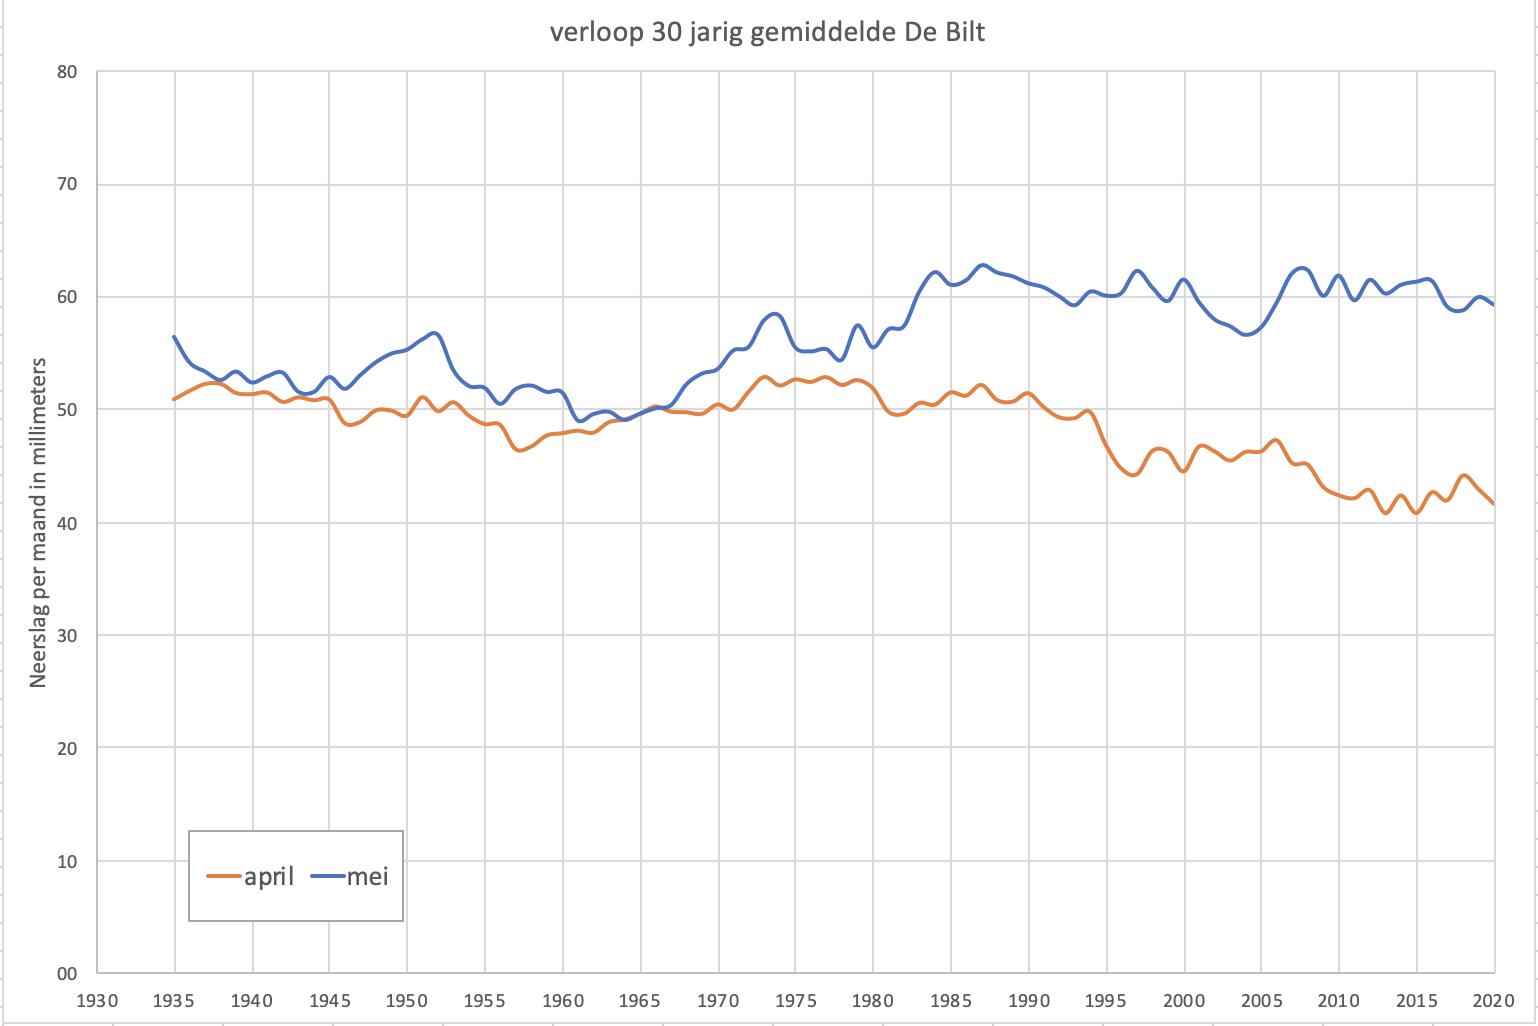 Verloop van het 30-jarig gemiddelde van de neerslag in april en mei in de Bilt